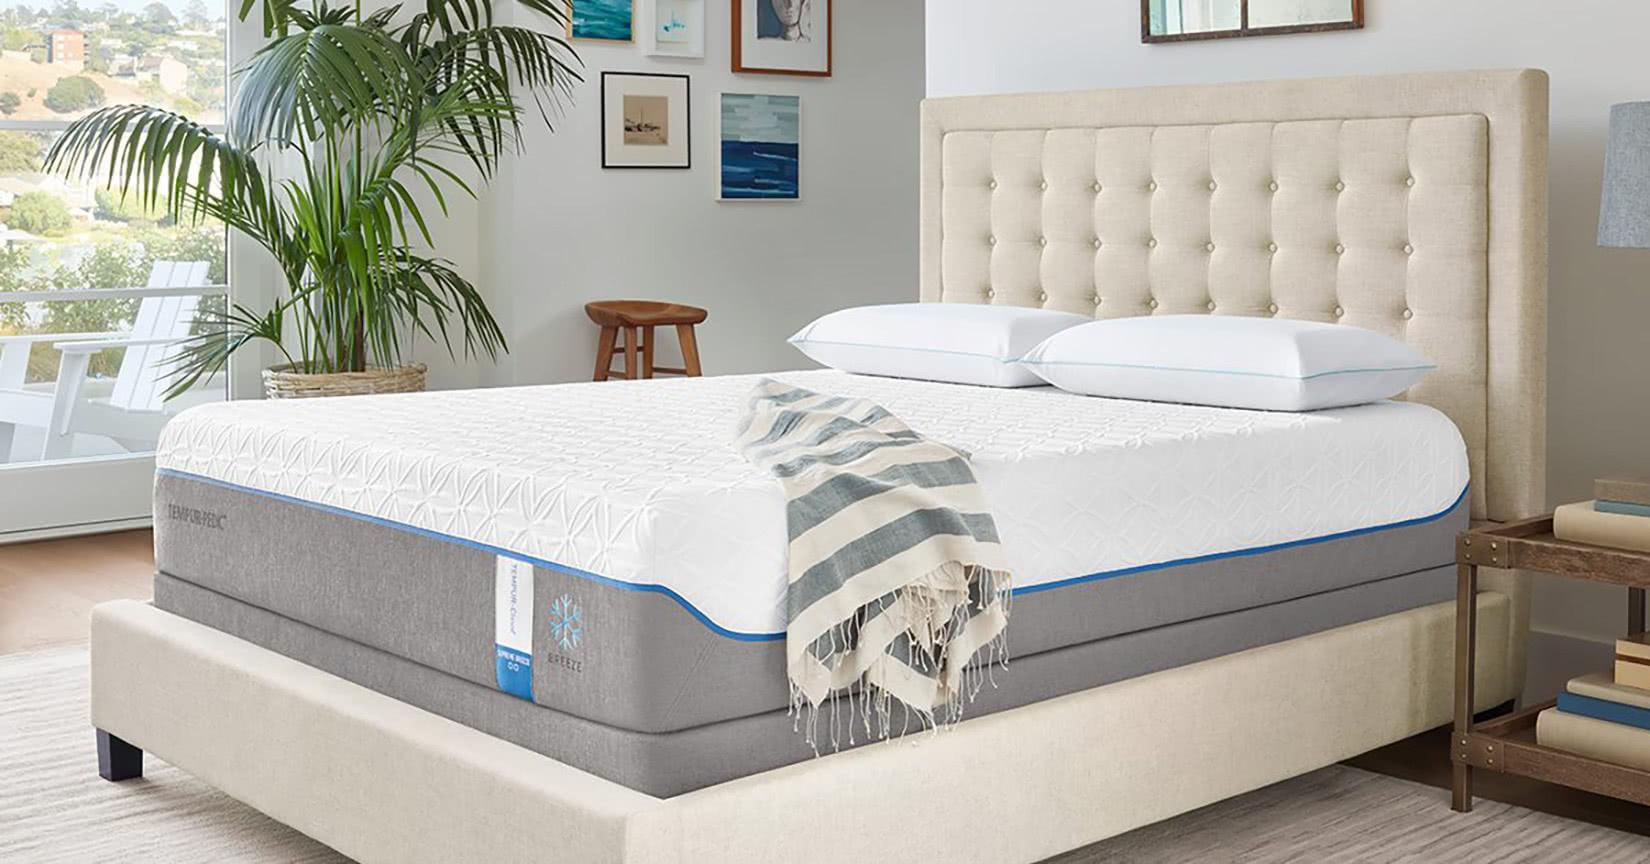 Tempur-Pedic breeze mattress review - Luxe Digital